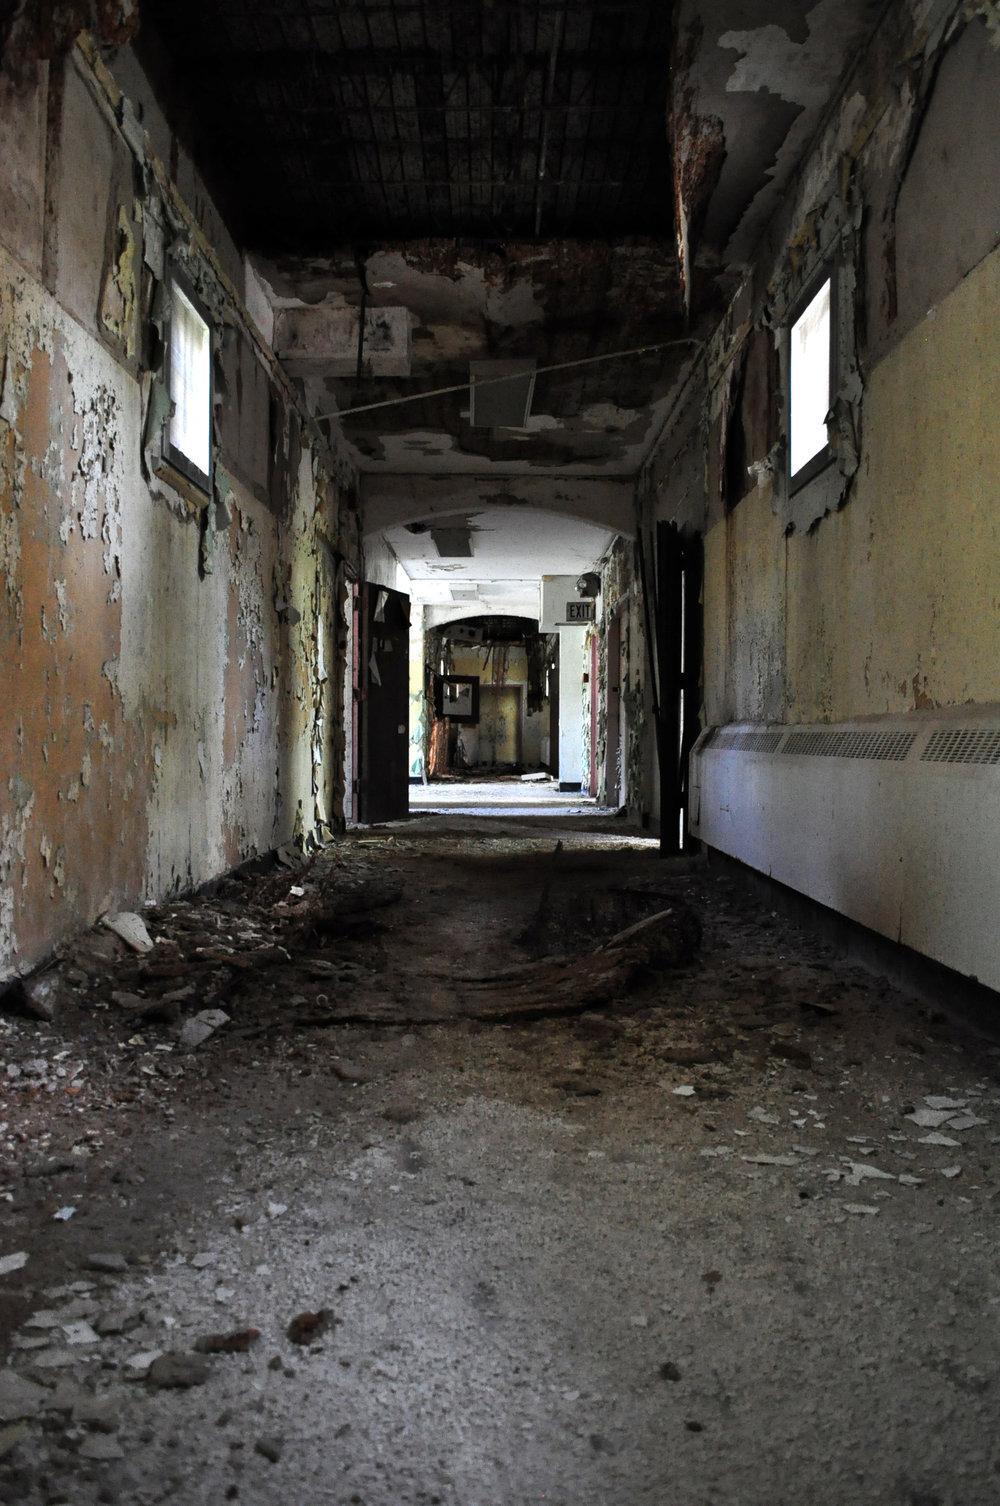 brokenhall1.jpg